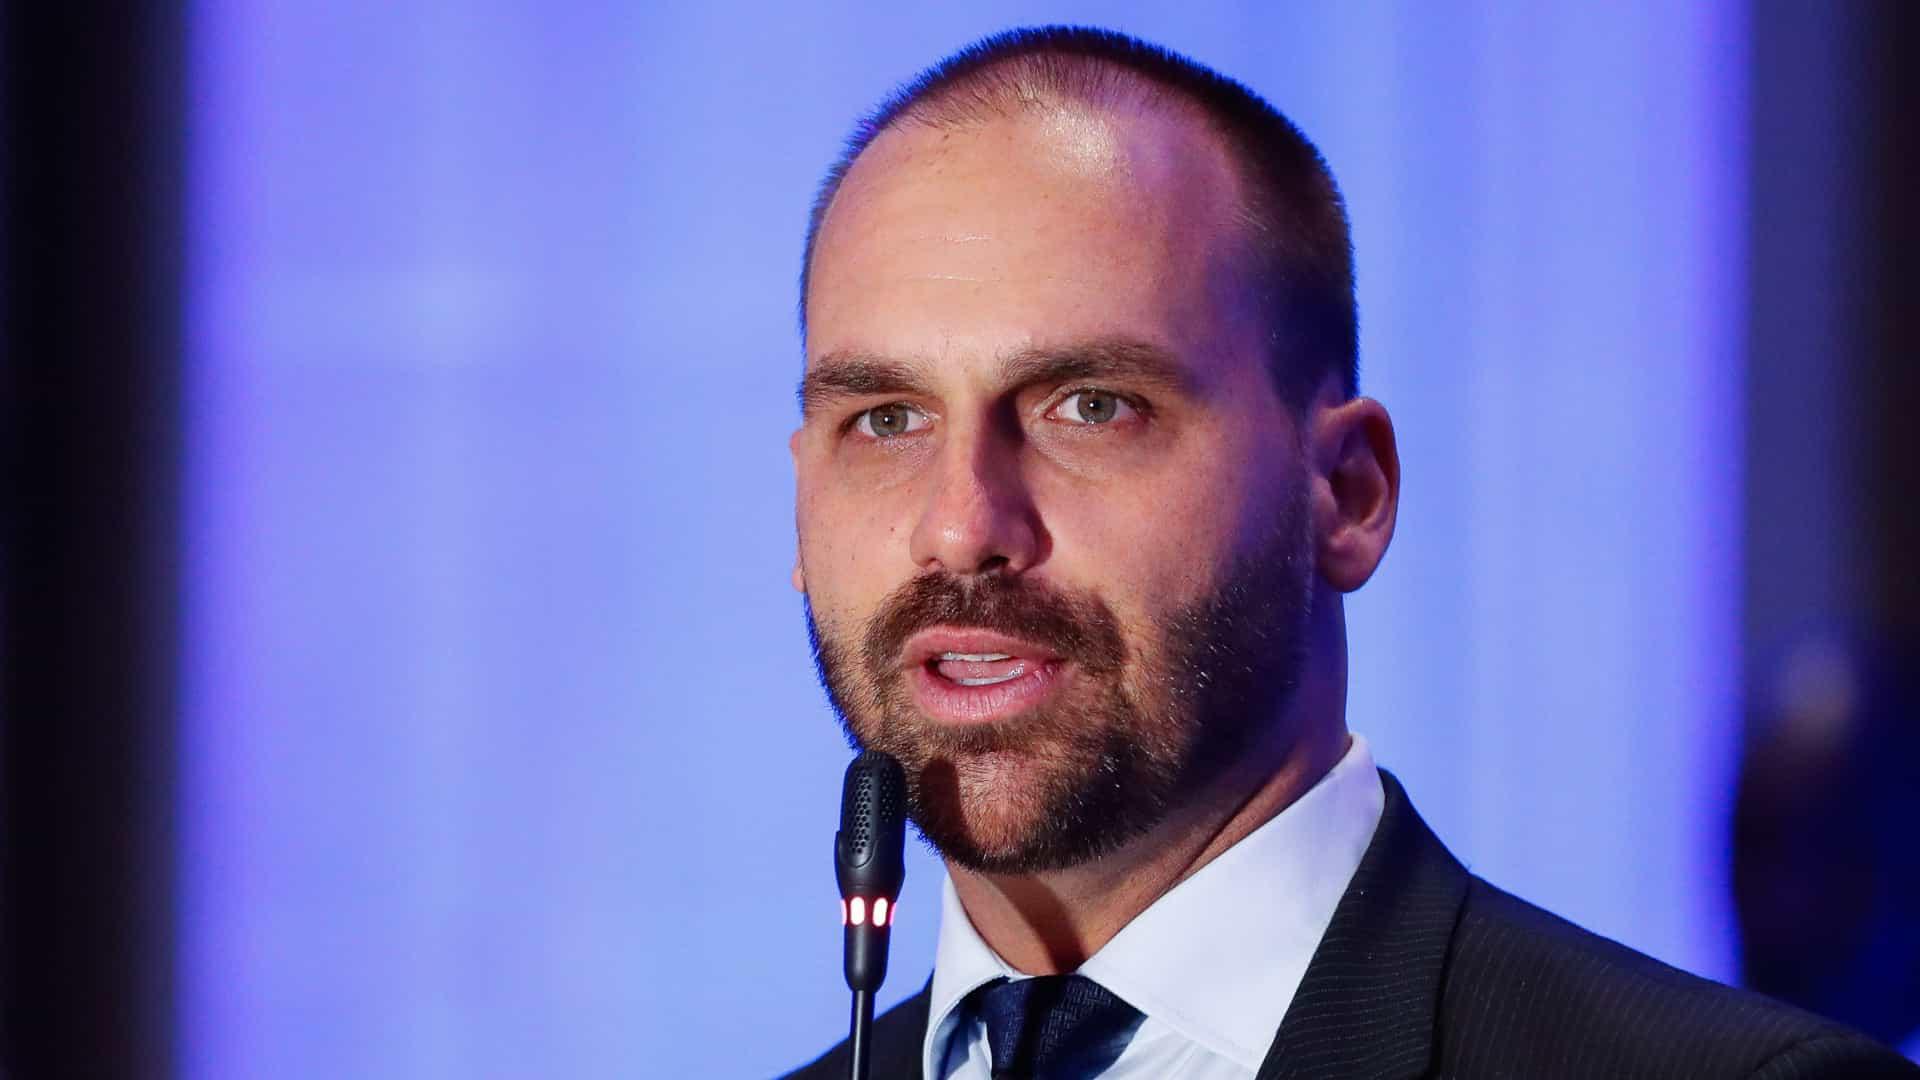 Eletrobras: Eduardo diz que assinou contra privatização por engano